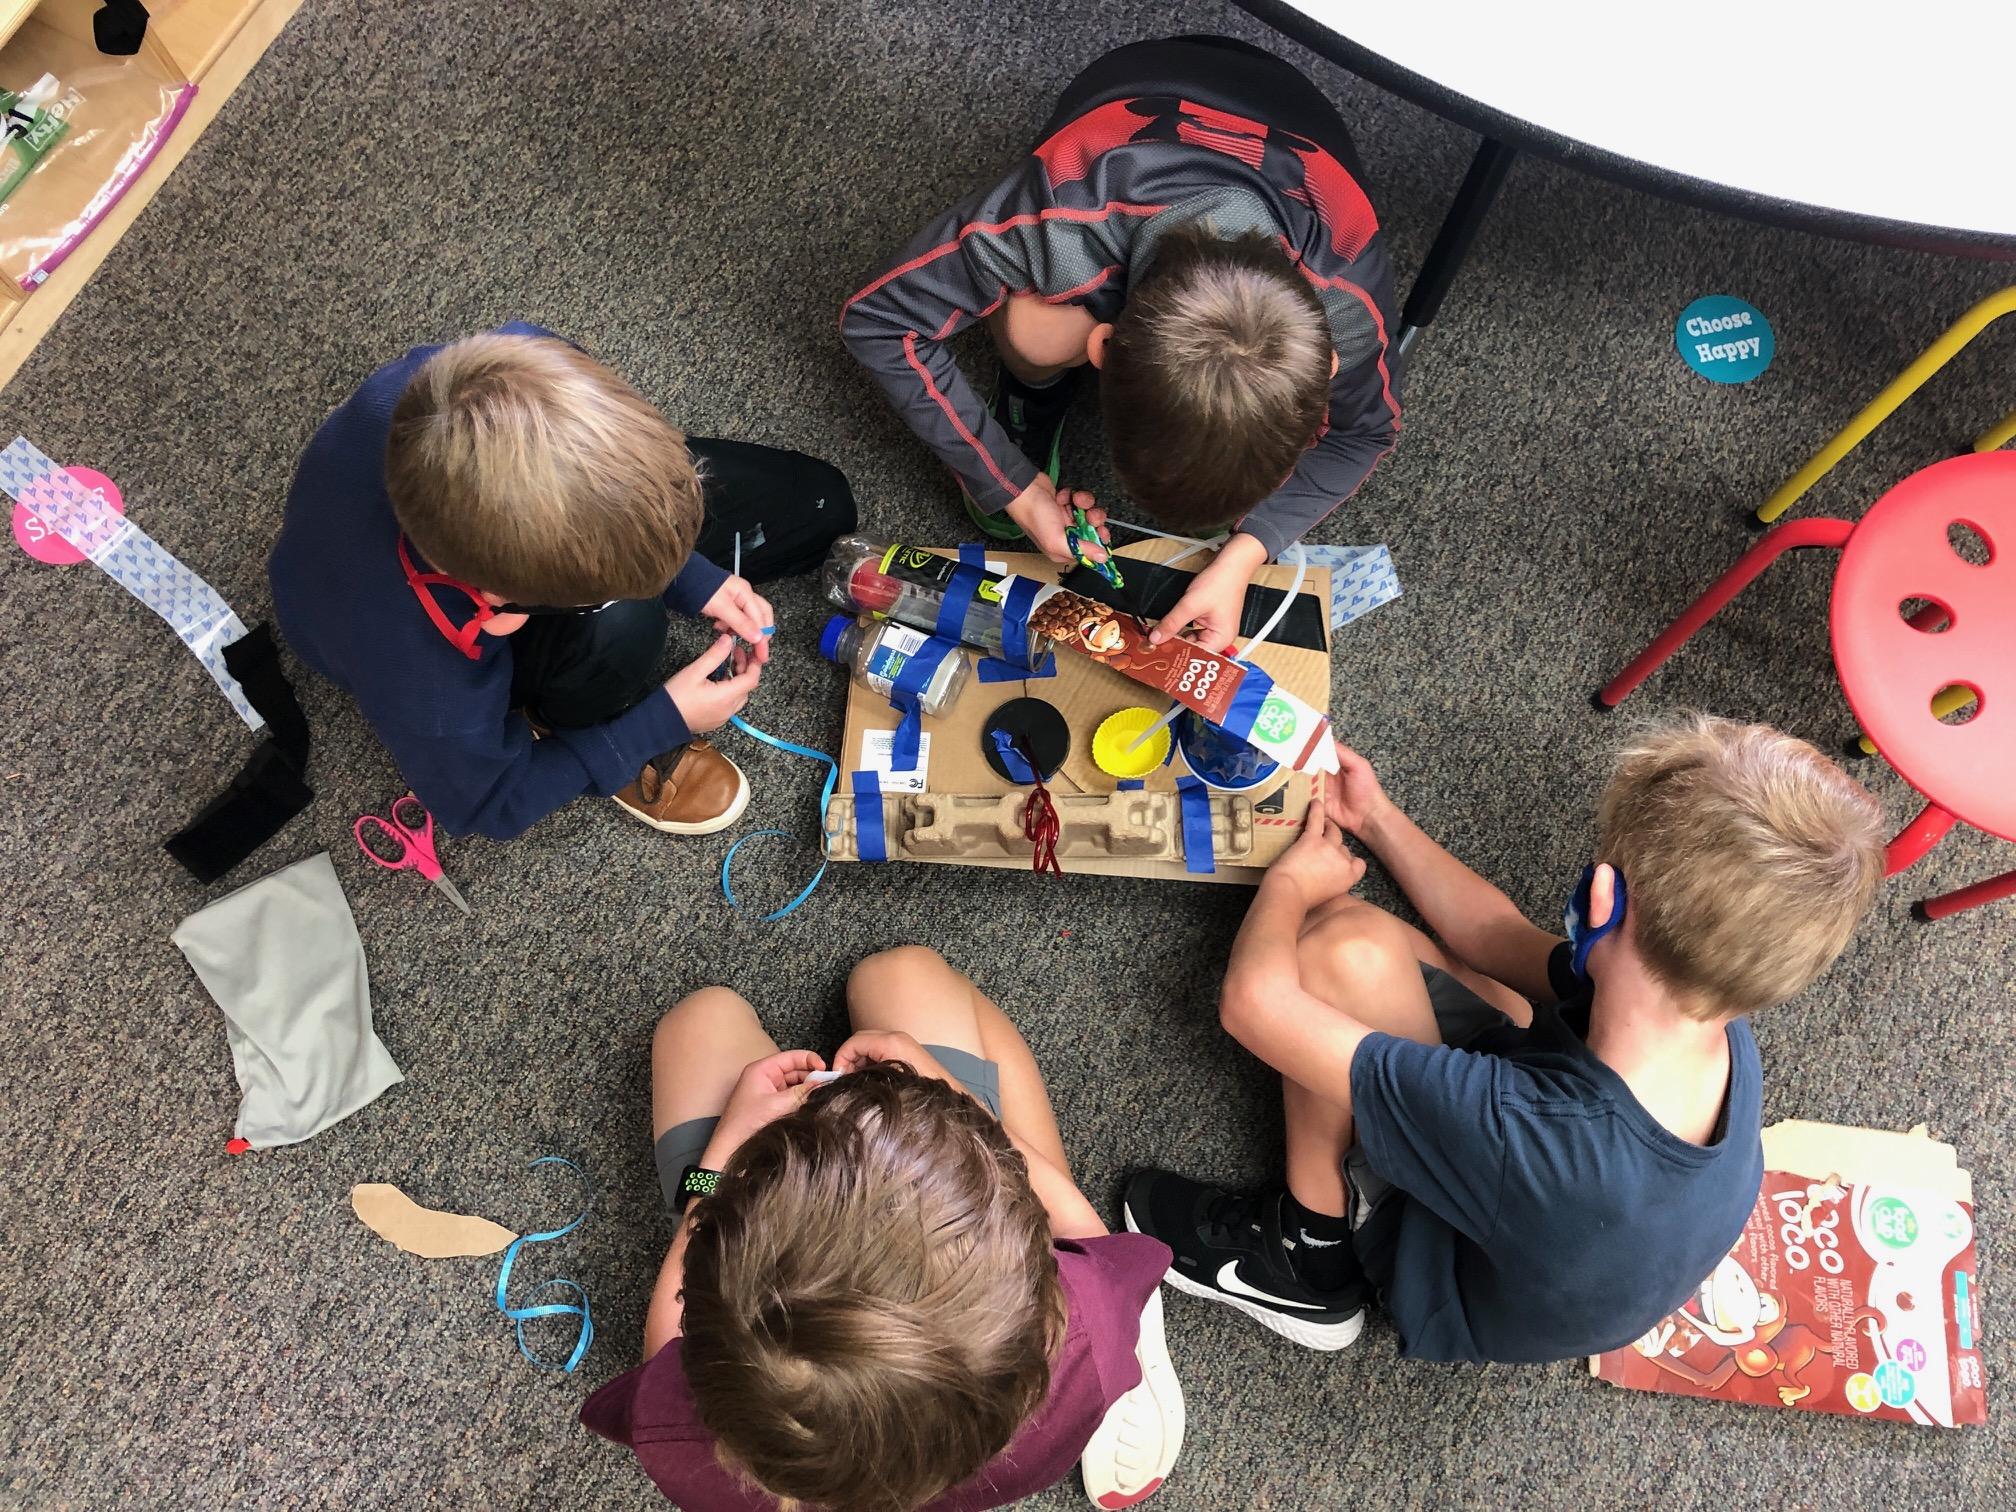 Hilliard's class maker lab